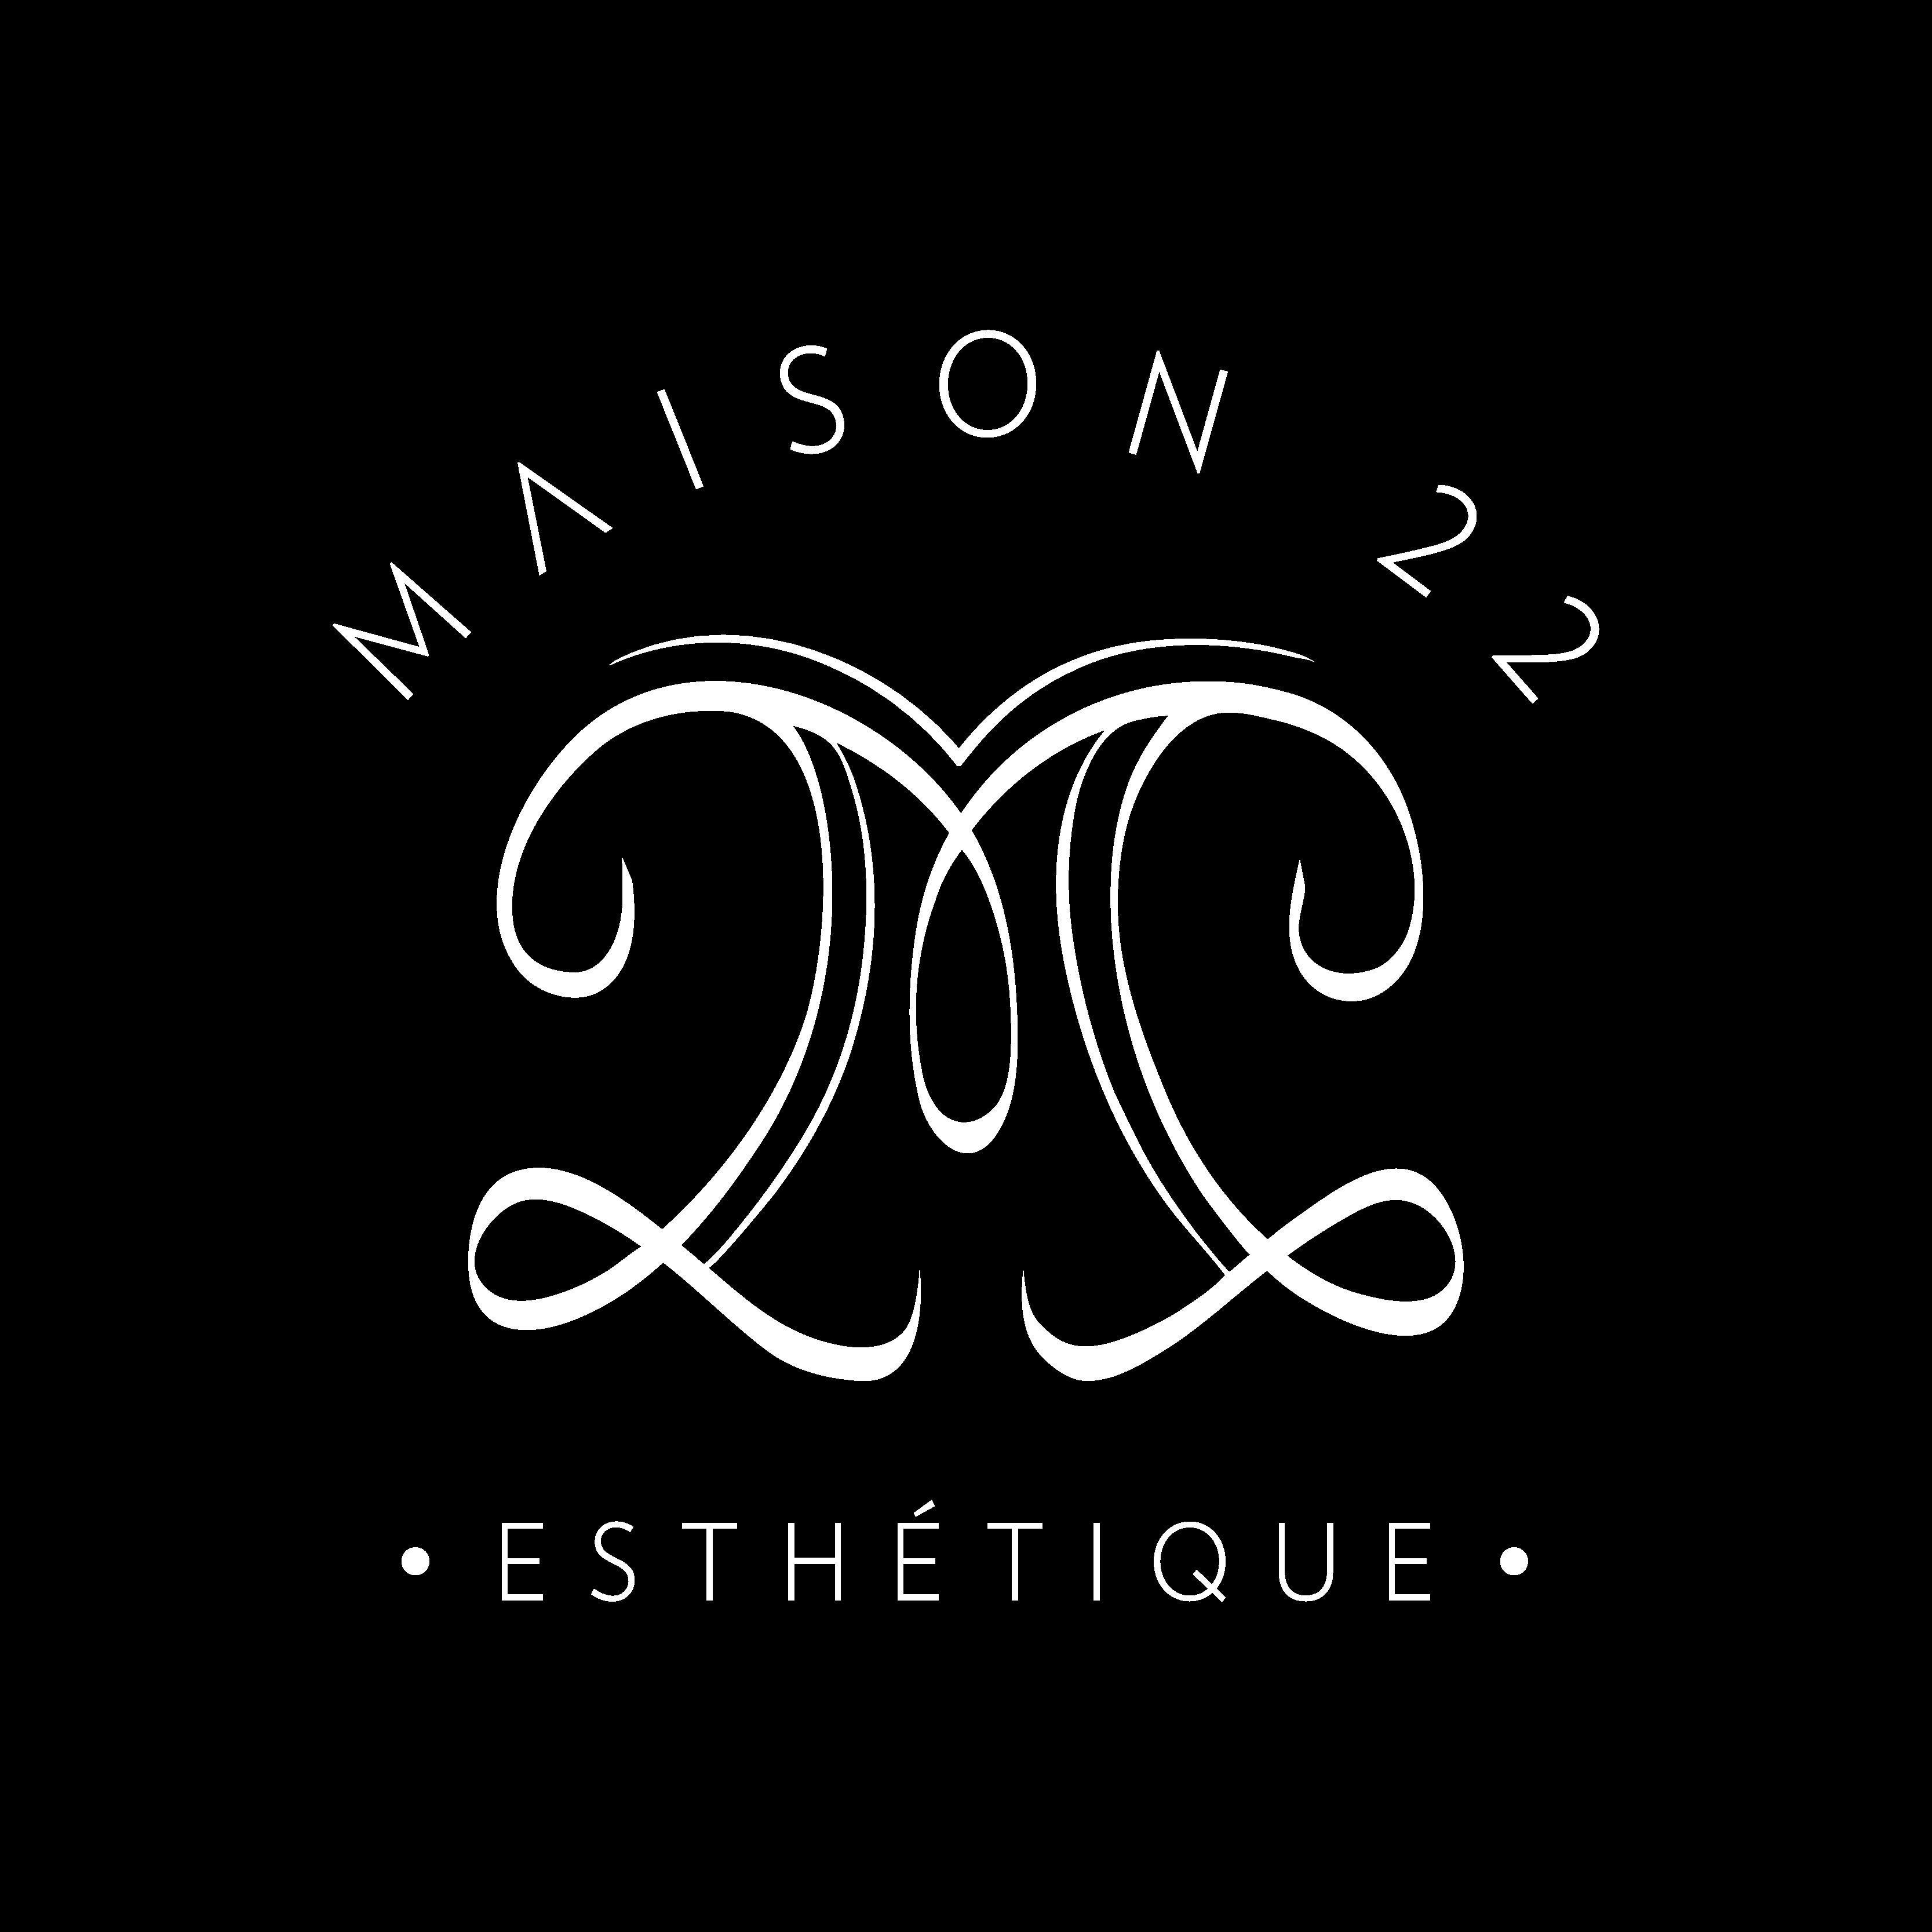 Maison 22 Esthétique